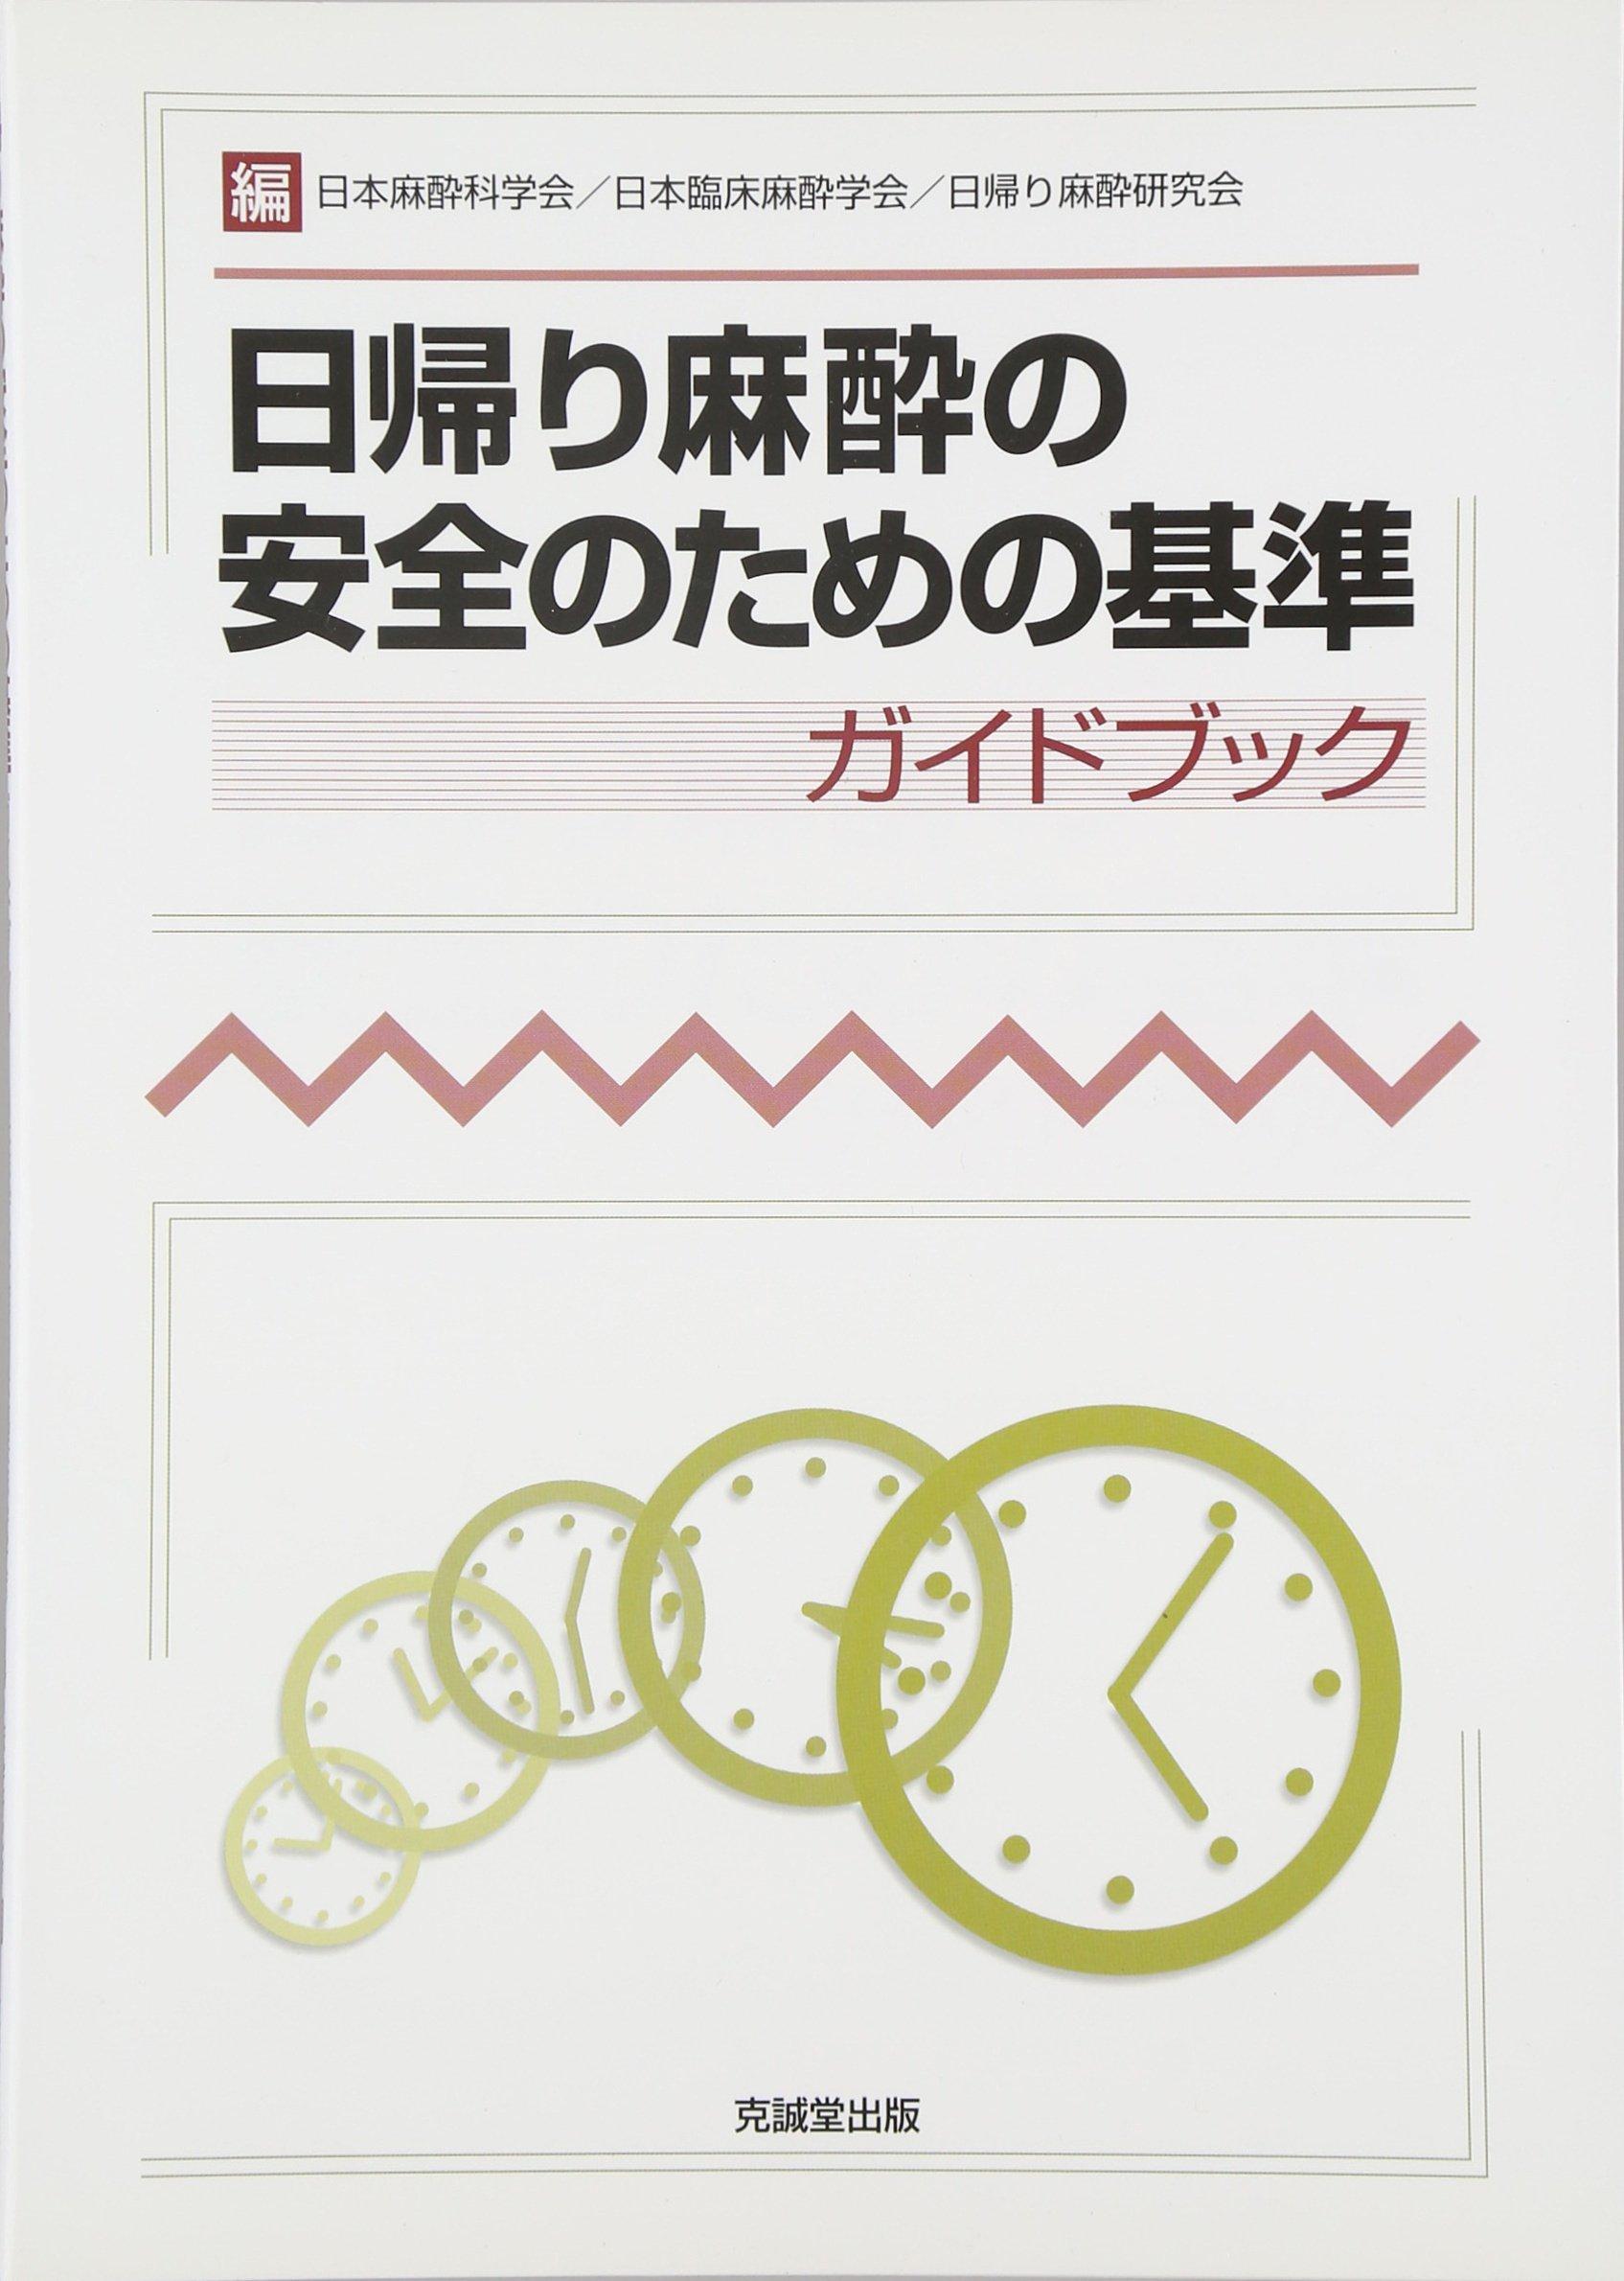 科学 日本 会 麻酔